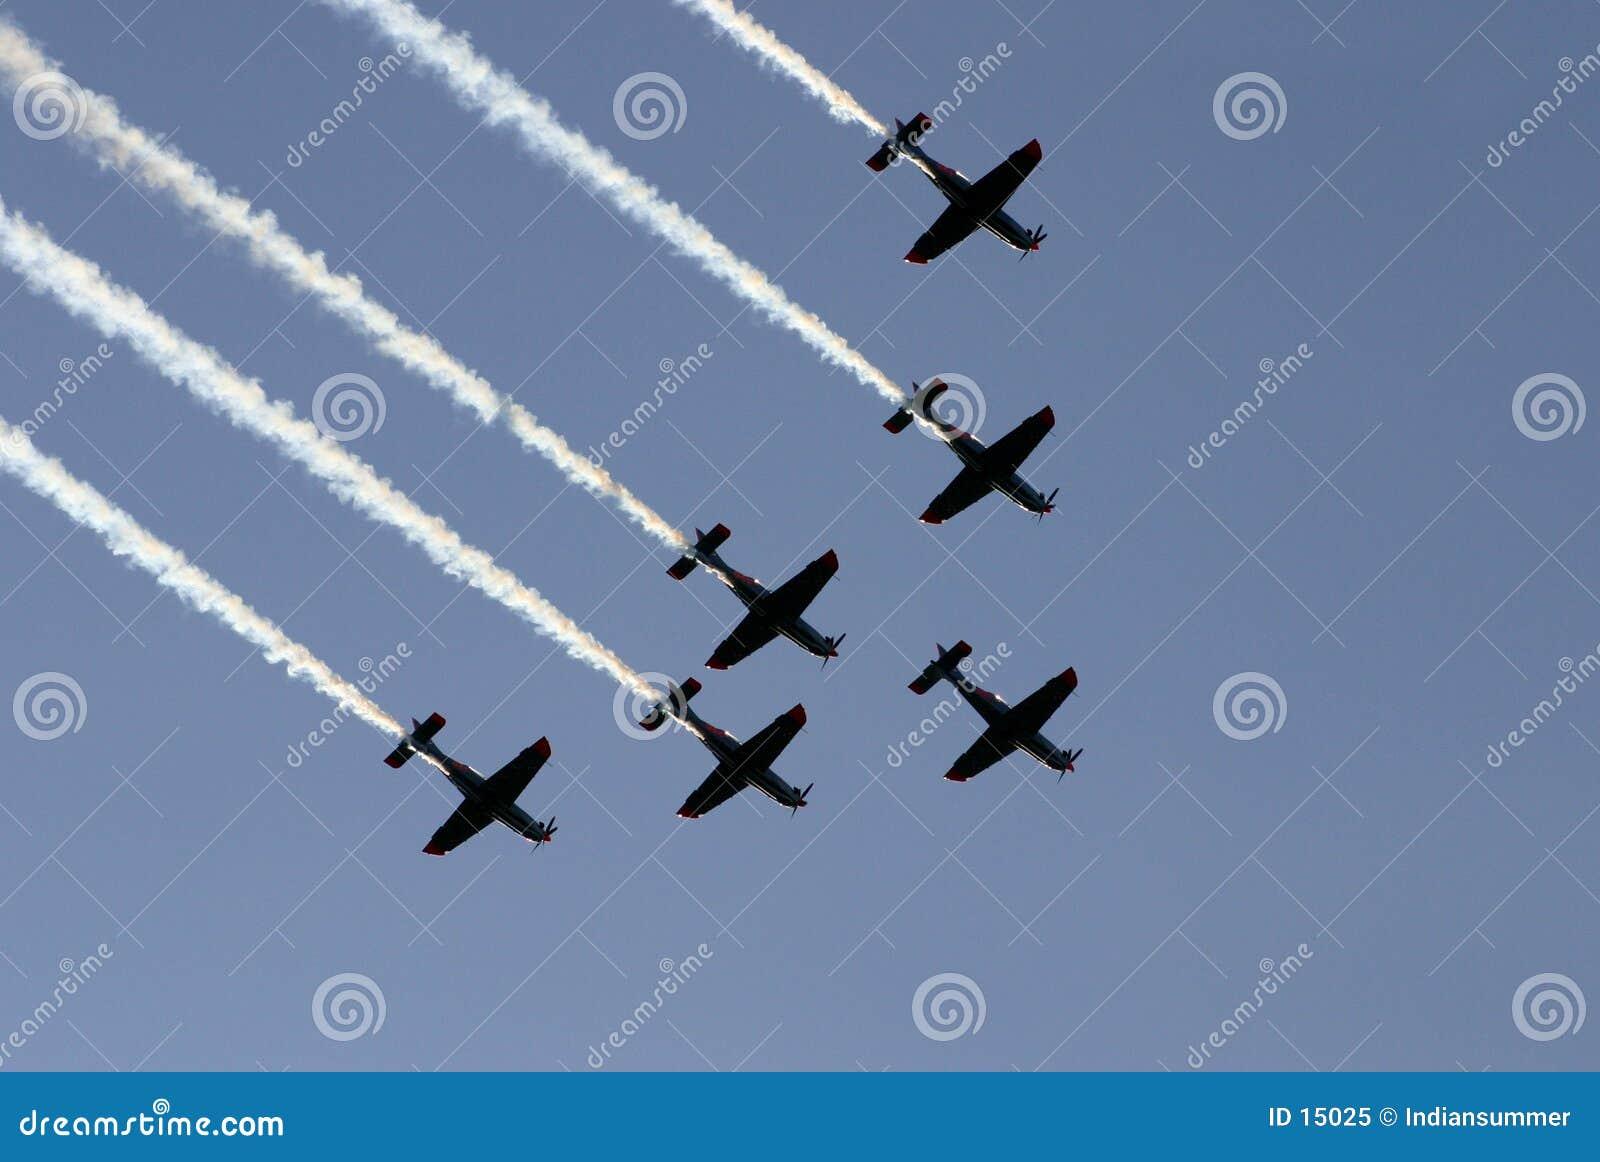 команда полета III синхронизированная